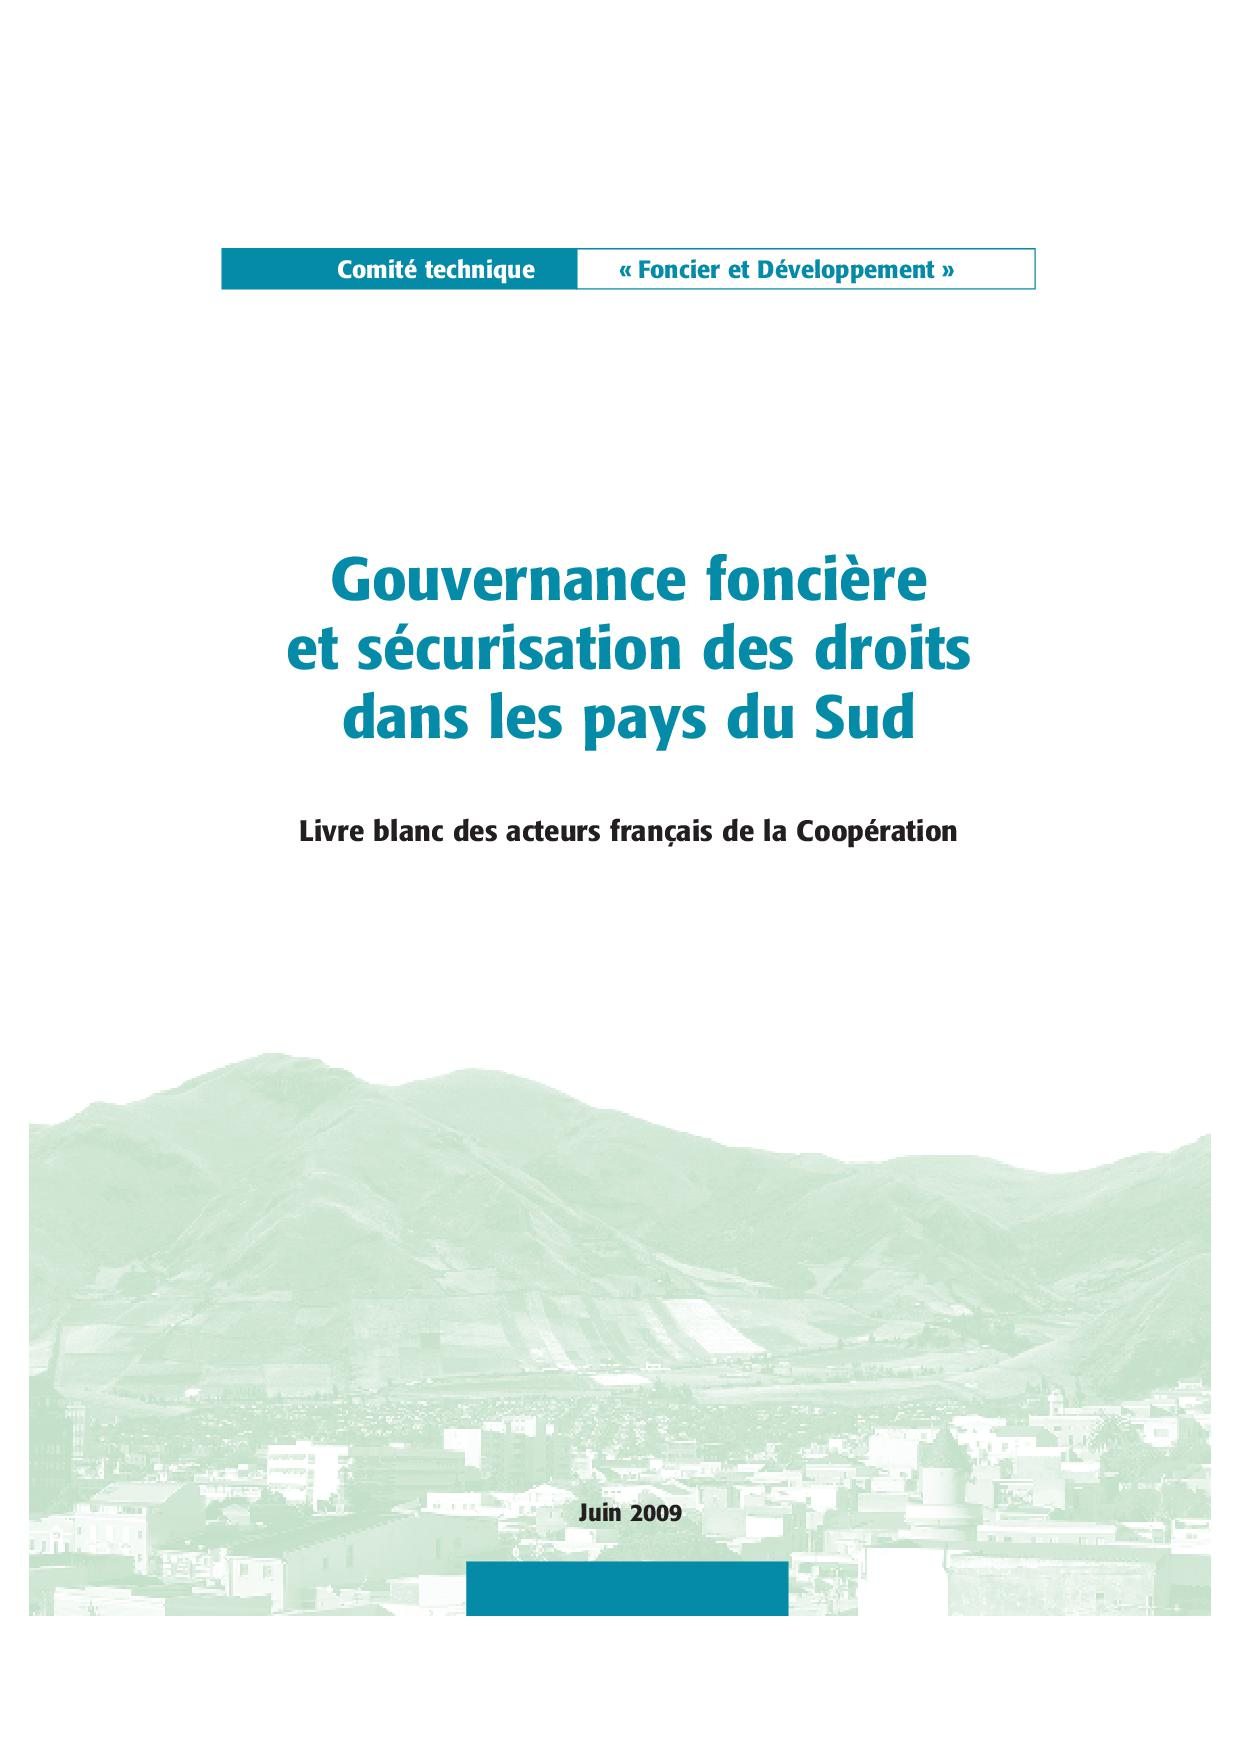 gouvernance-fonciere-et-securisation-des-droits-dans-les-pays-du-sud[1]